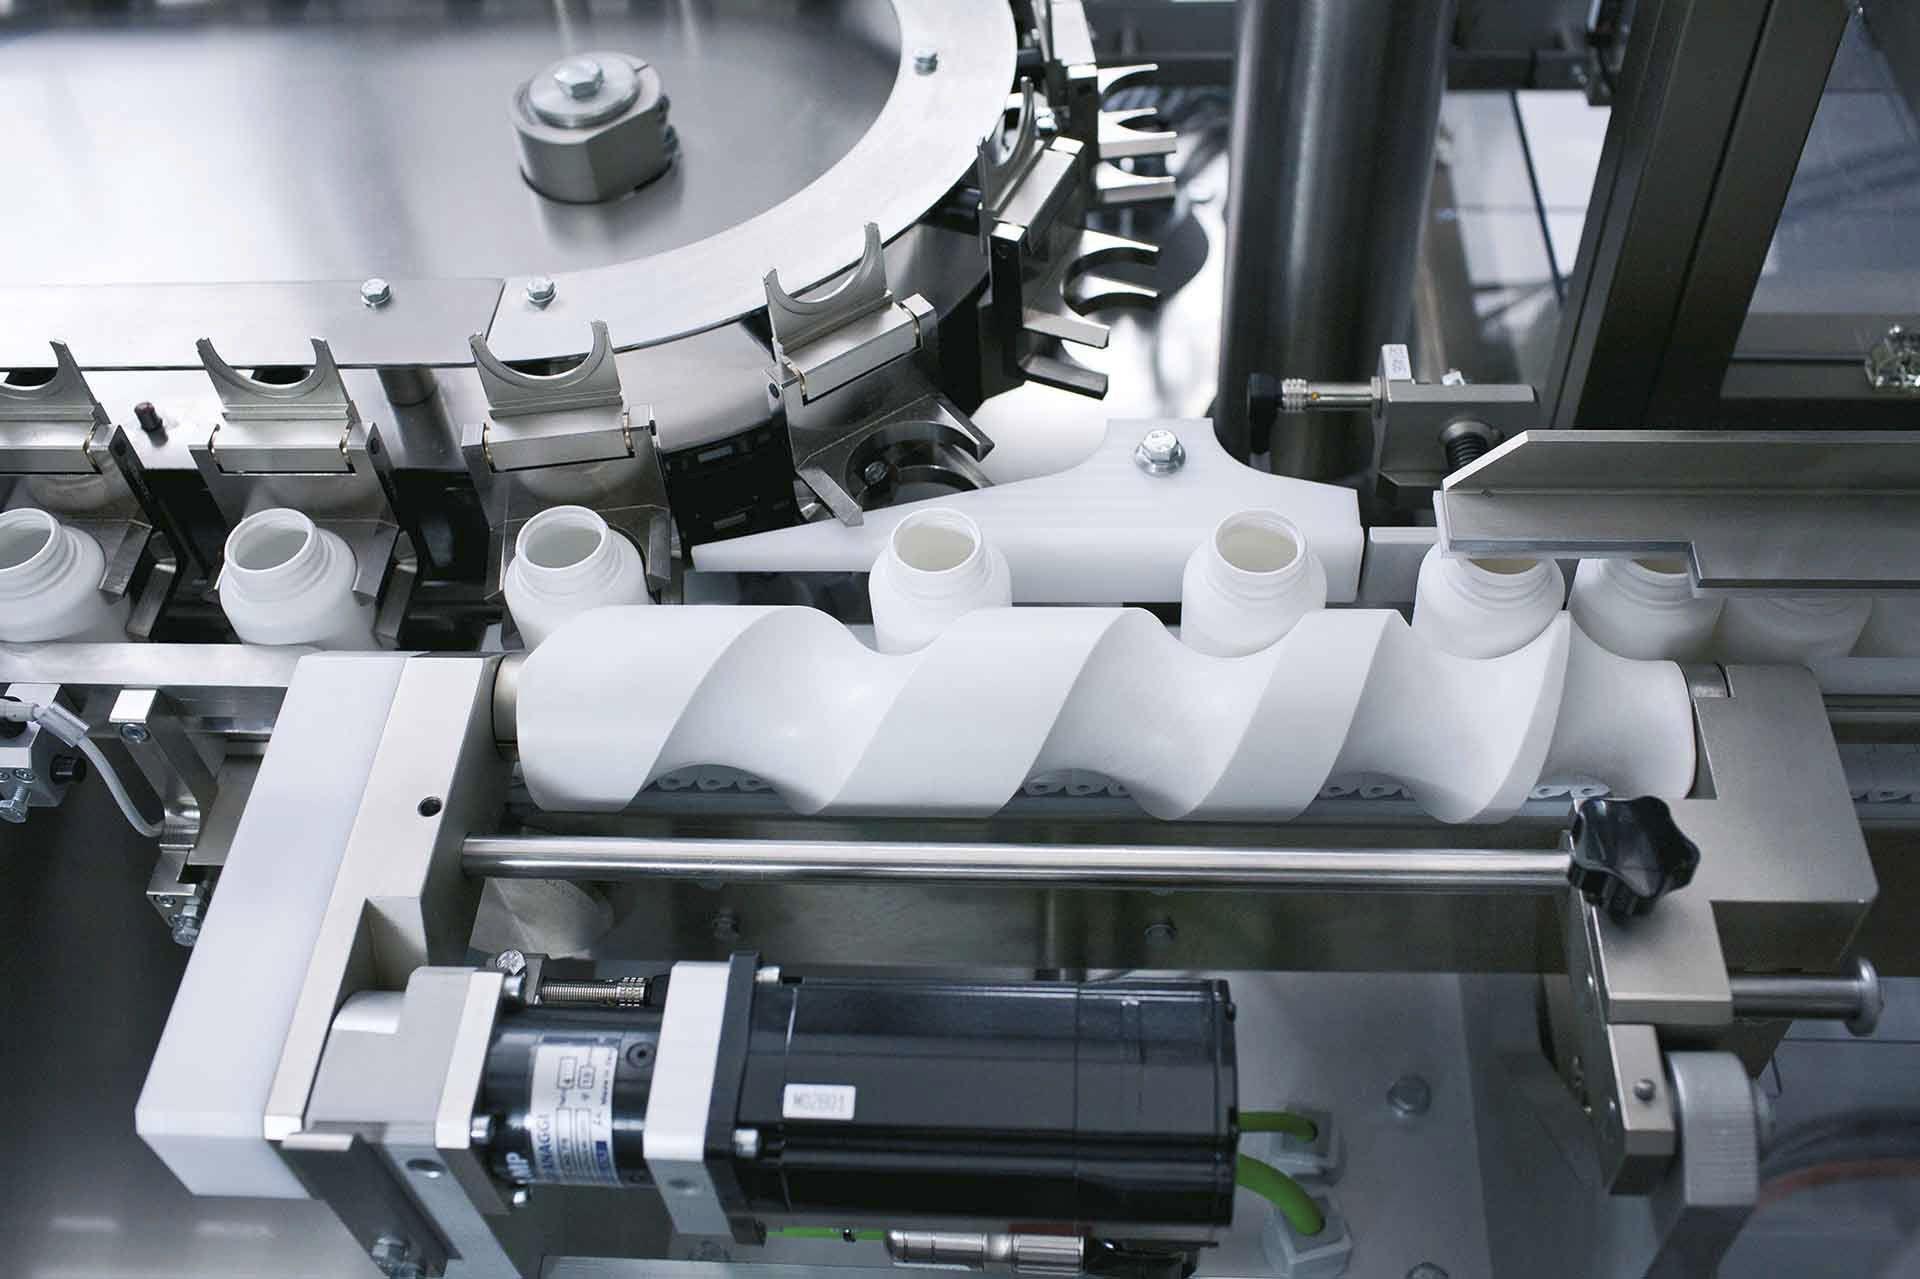 abc206a7c5e inscatolatrice continua   verticale   per blister   per l industria  farmaceutica ...